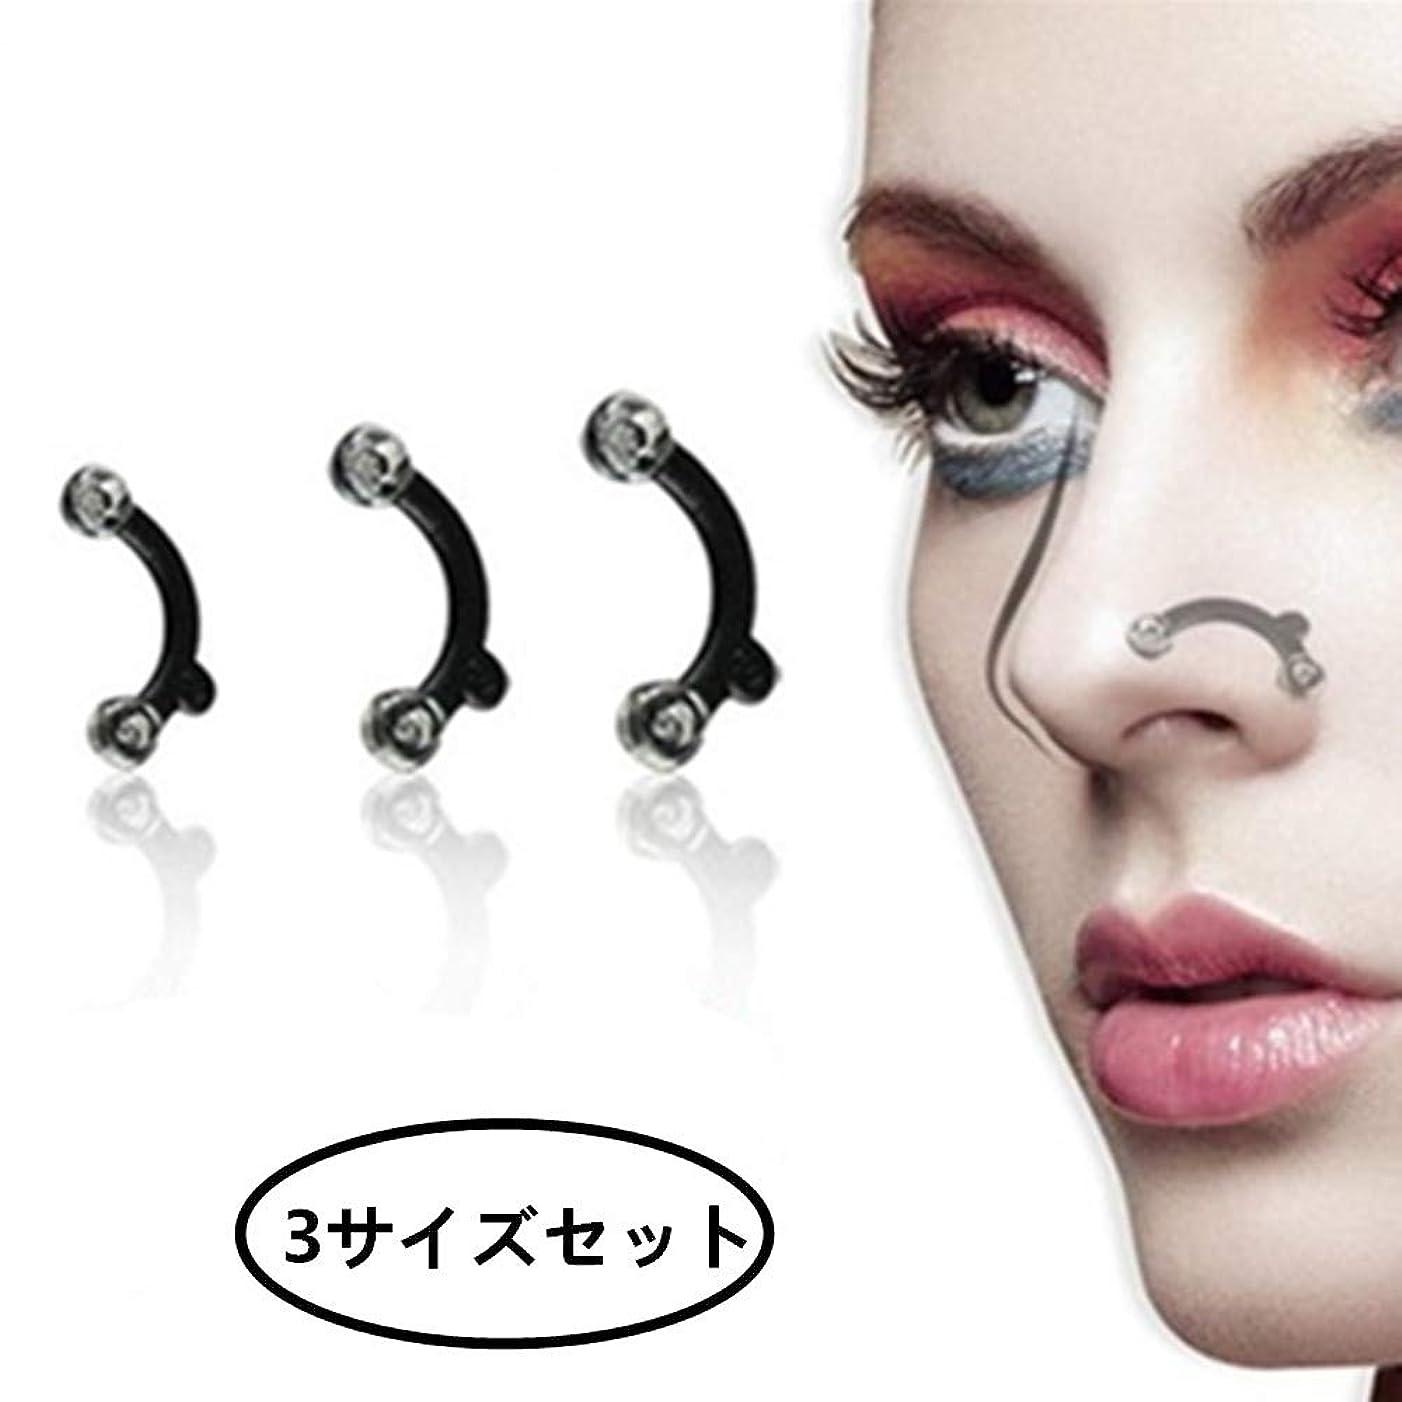 一致パーセントチューブ鼻プチ 柔軟性高く ビューティー 矯正プチ 整形せ 24.5mm/25.5mm/27mm 全3サイズセット ブラック